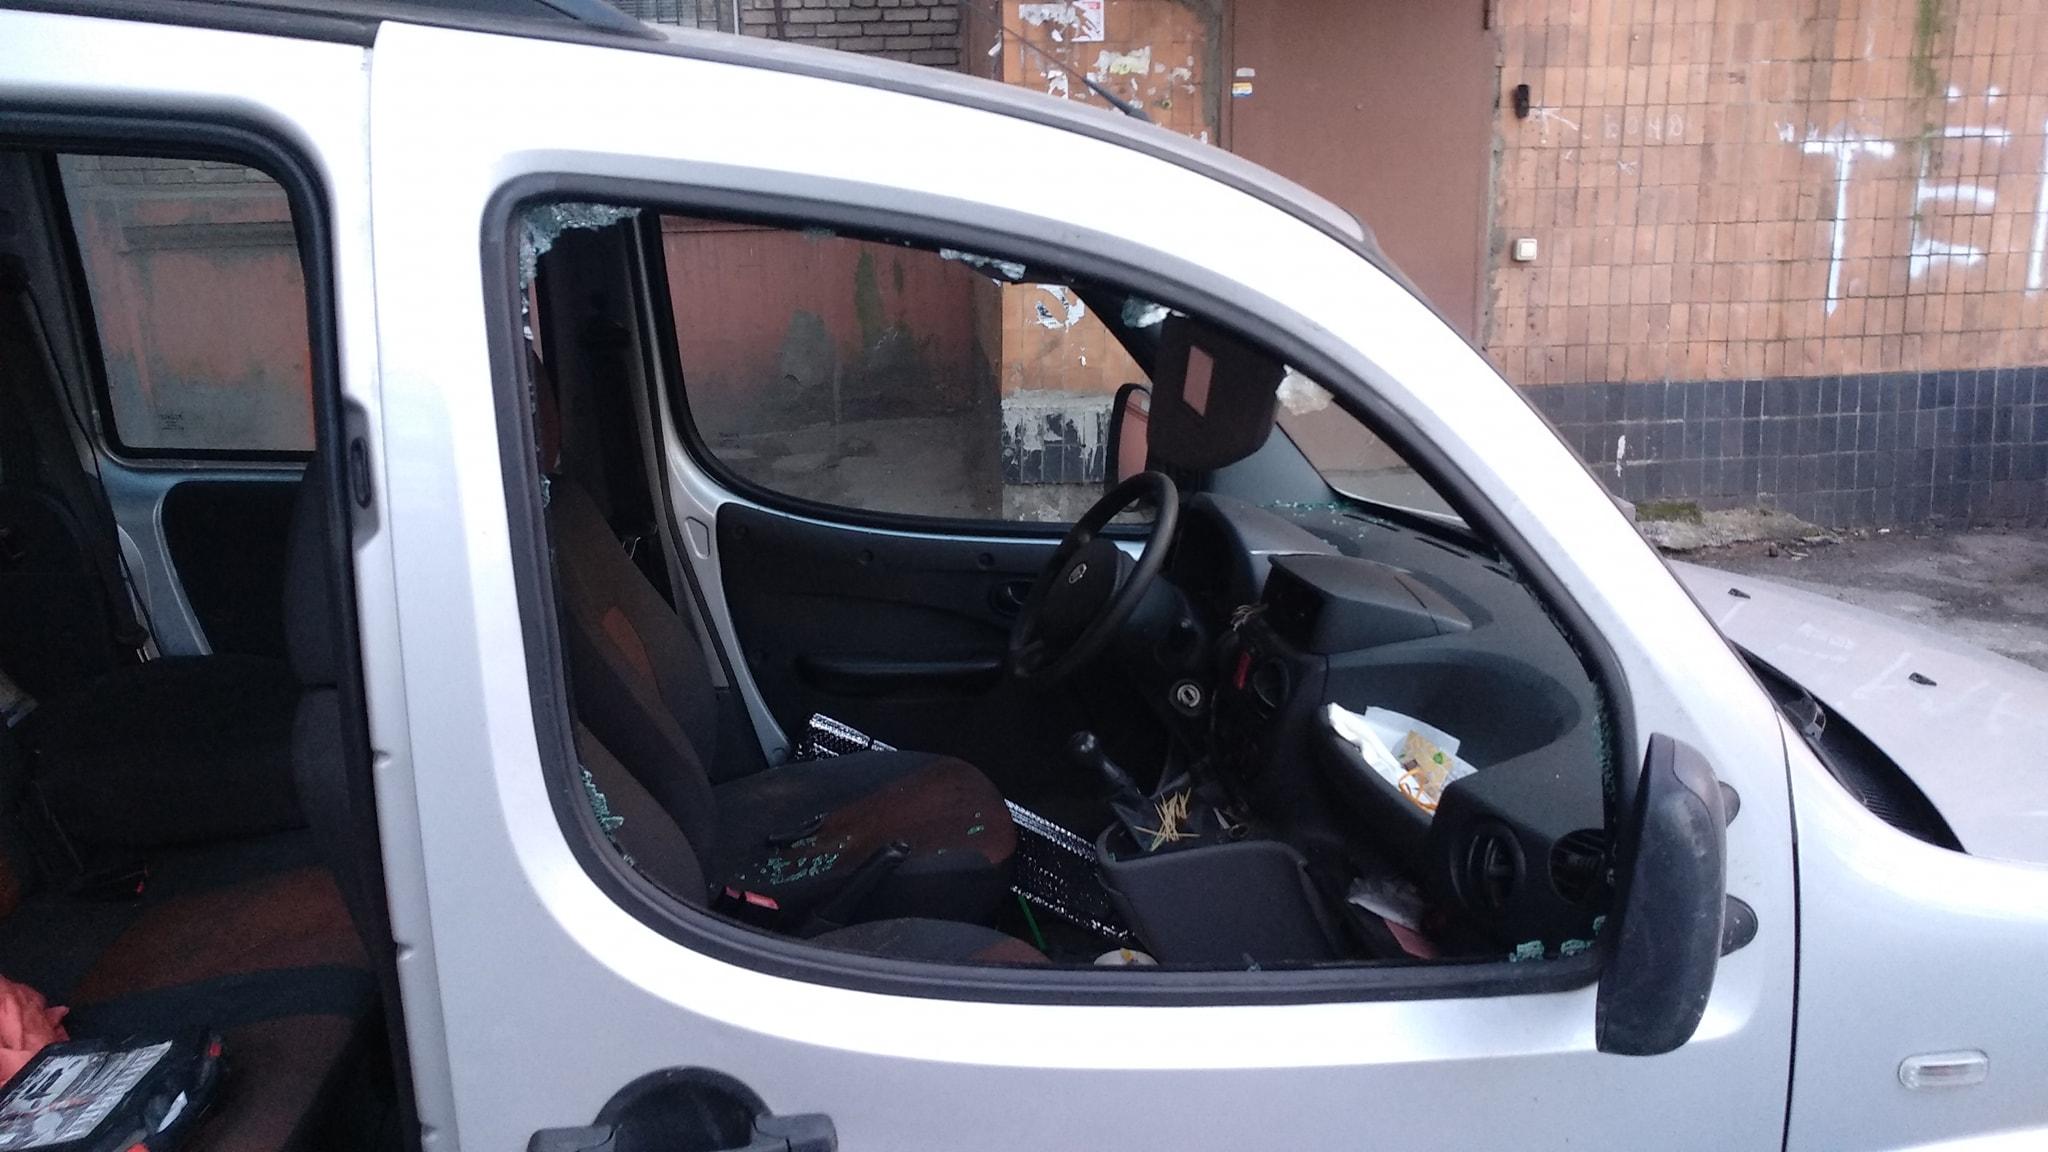 Полиция разыскала мужчину, обокравшего автомобиль запорожского активиста - ФОТО